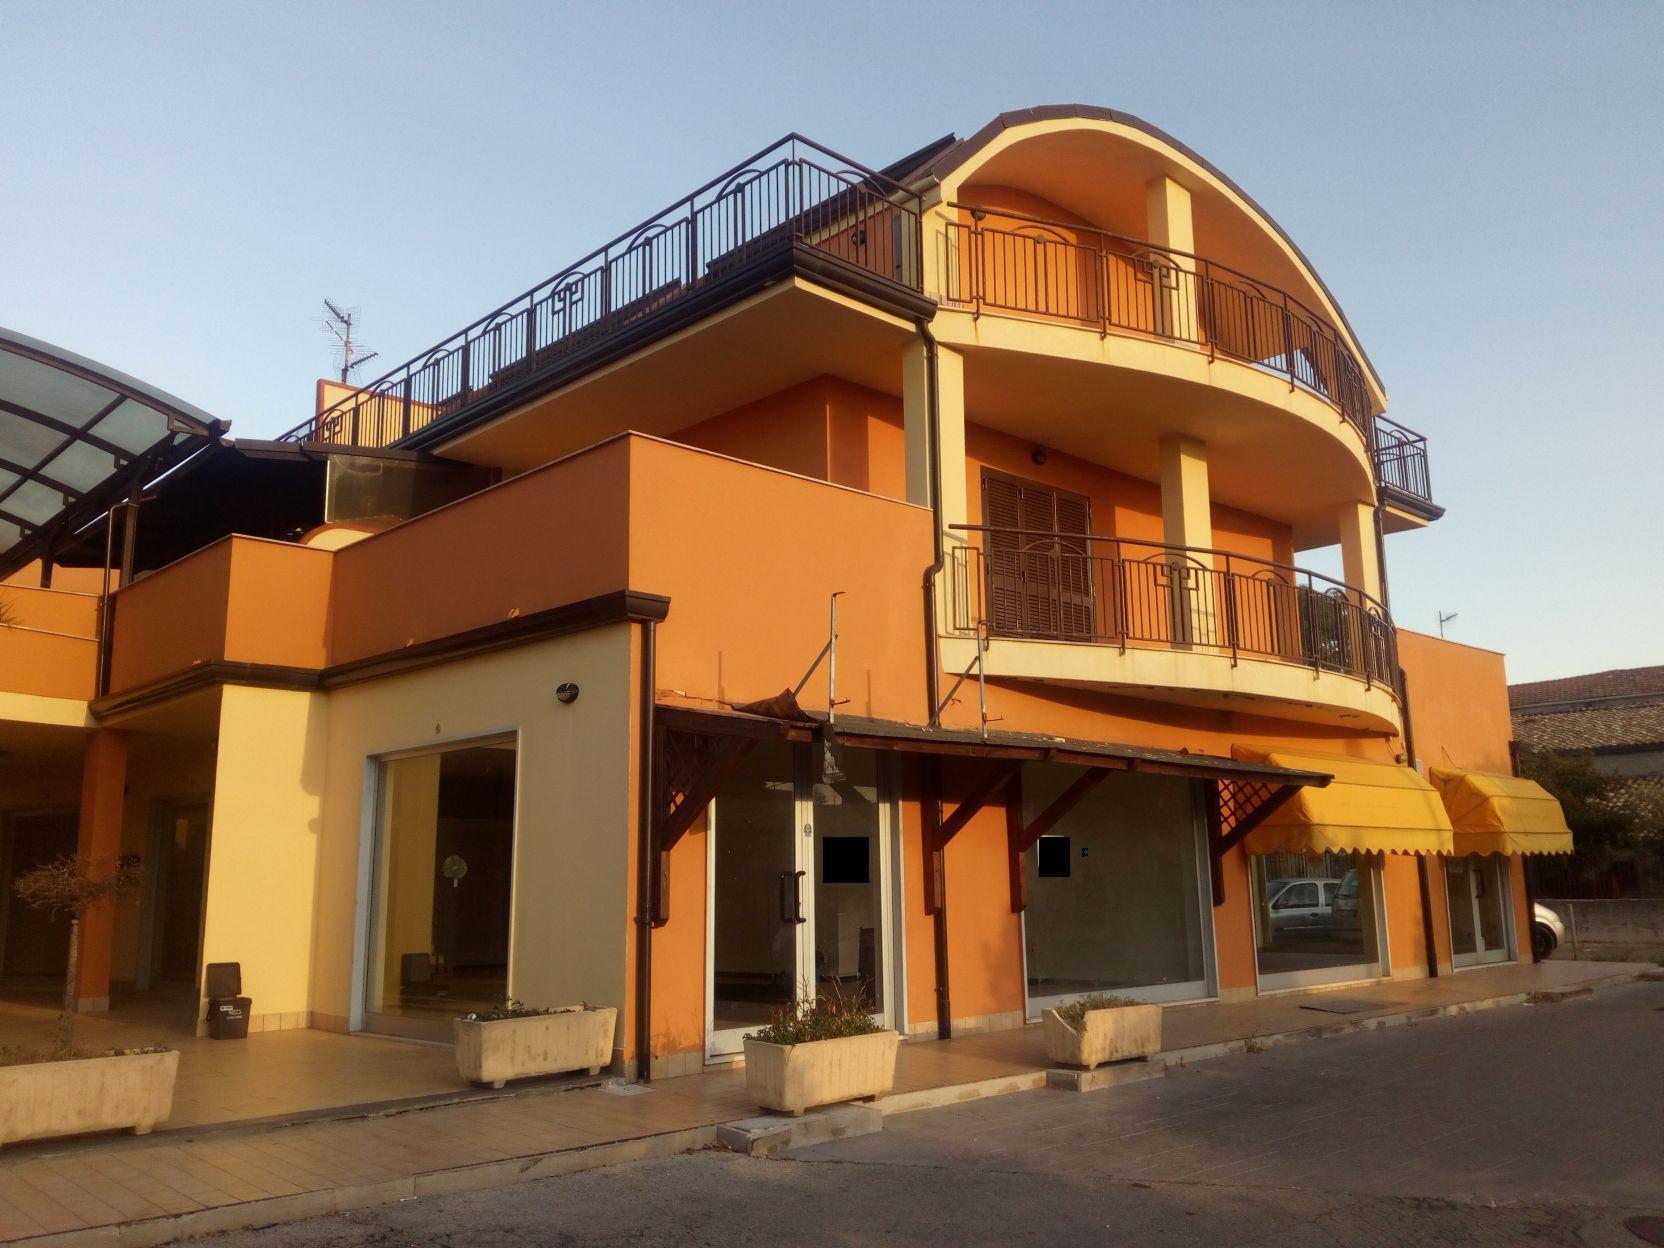 Duplex arredato in locazione vasto rif 564 casa for Locazione immobile arredato